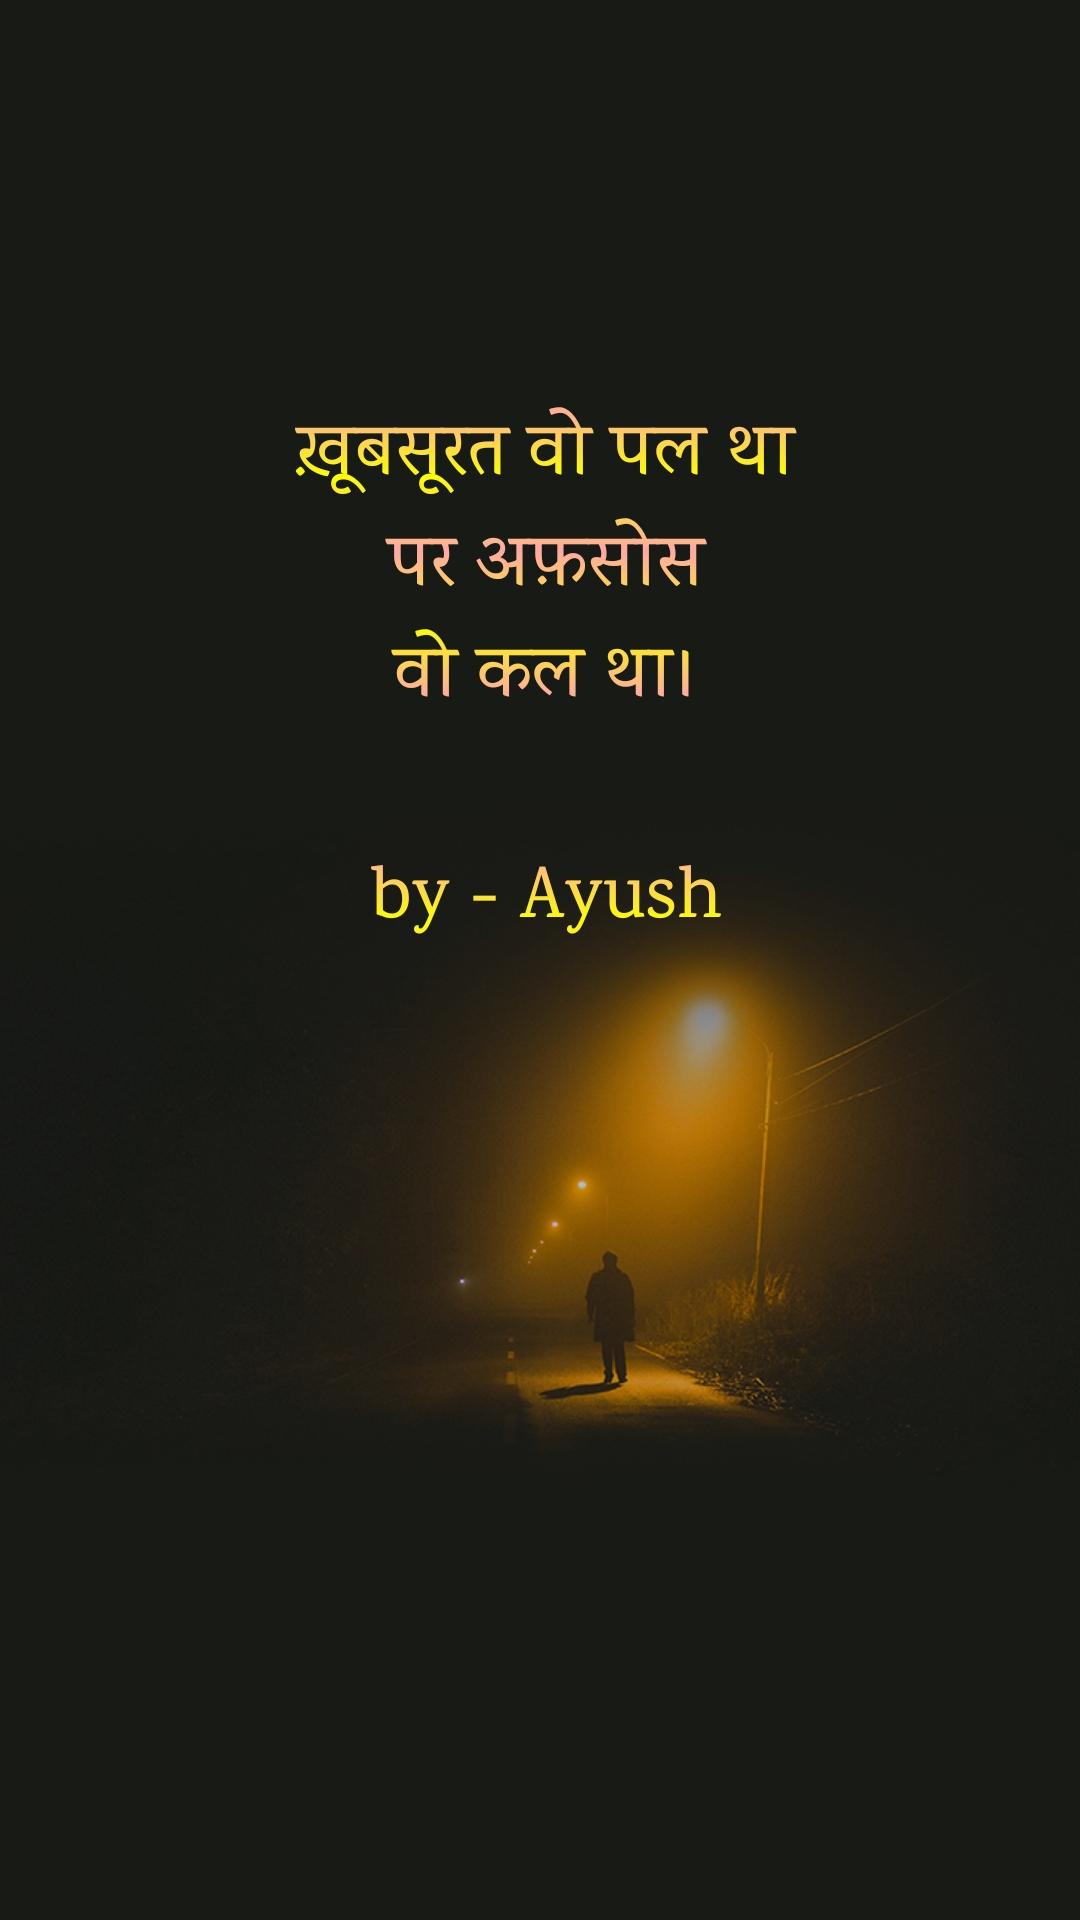 ख़ूबसूरत वो पल था पर अफ़सोस वो कल था।  by - Ayush